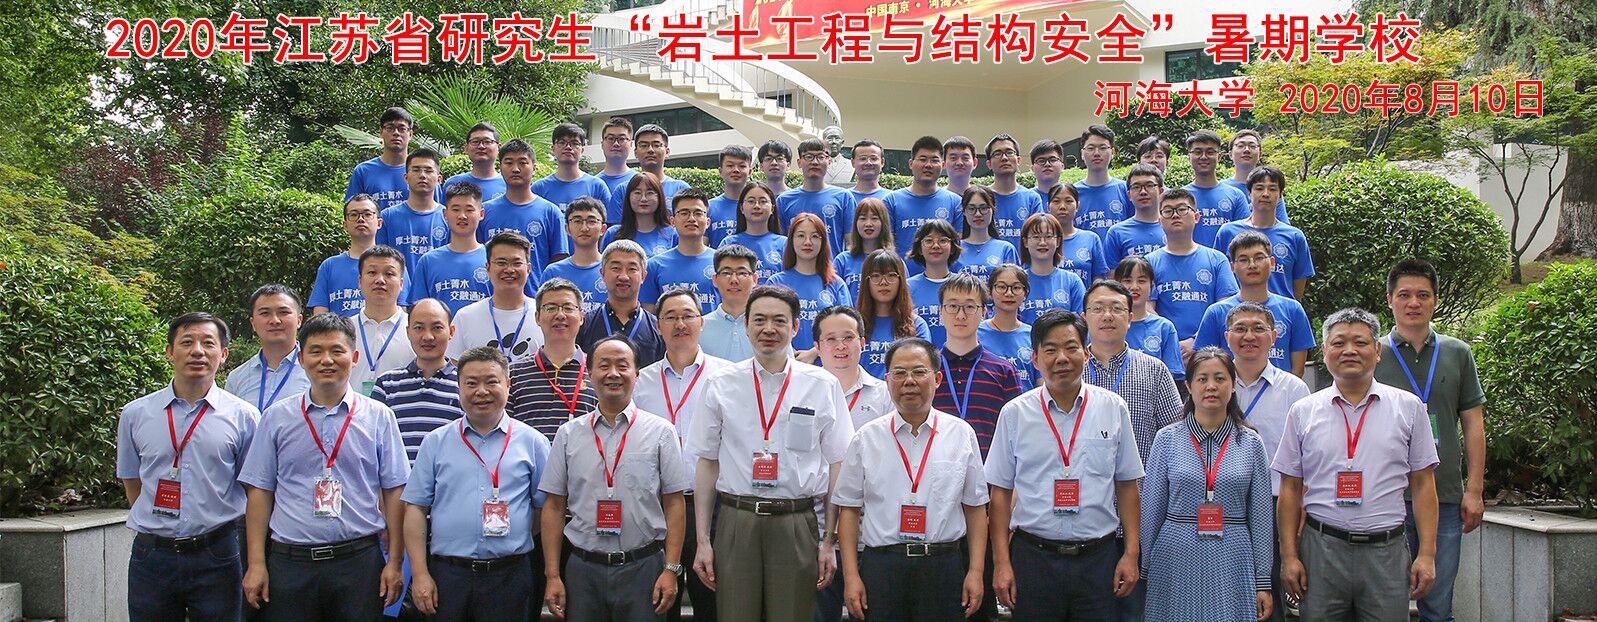 """2020年江苏省研究生""""岩土工..."""